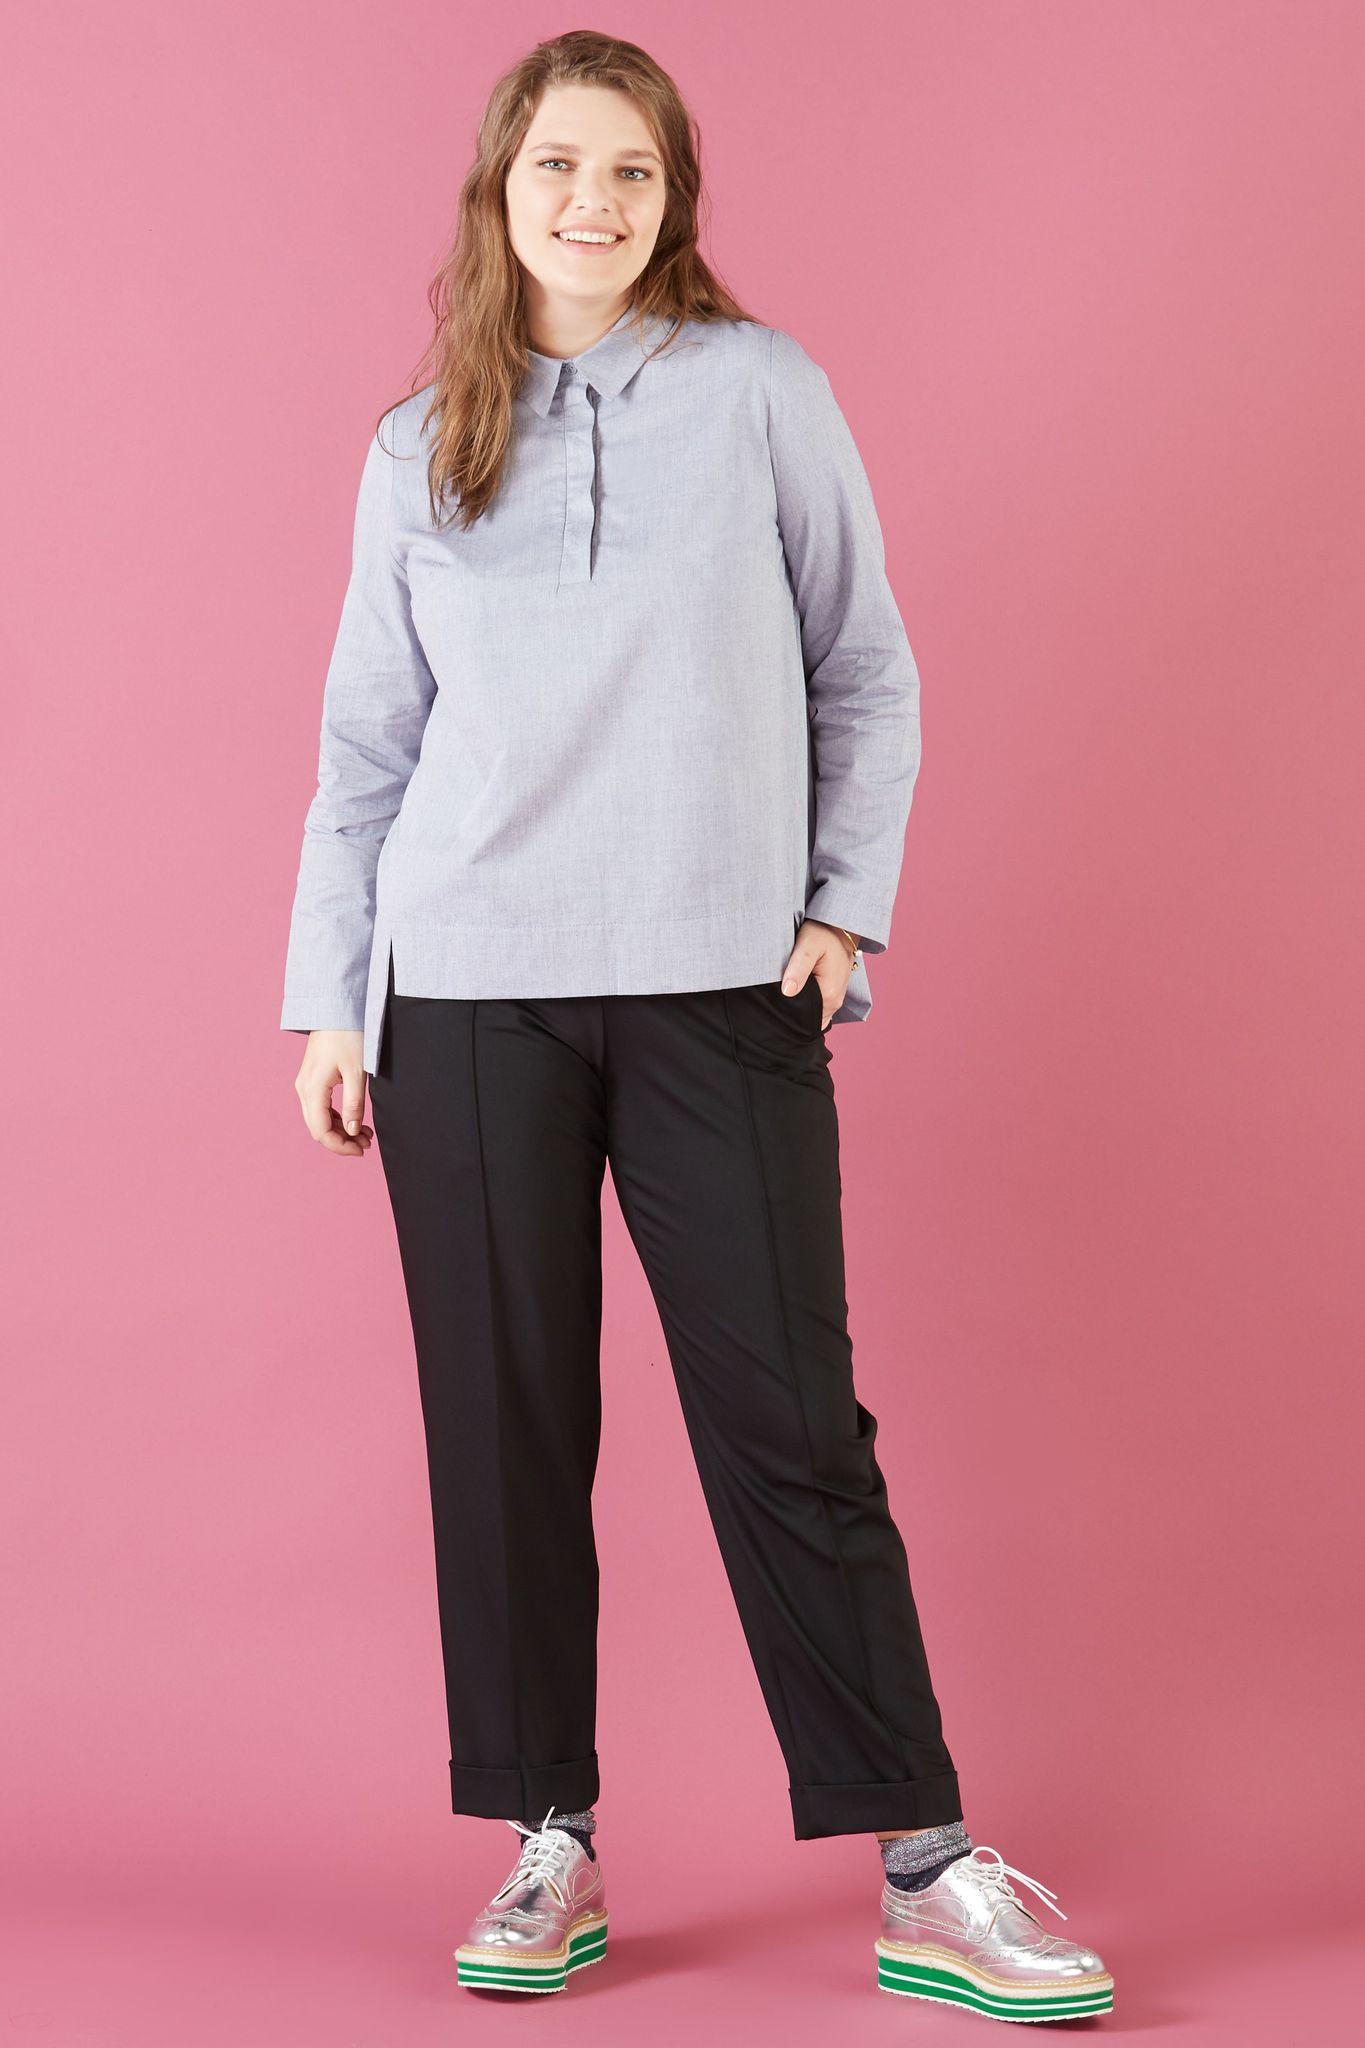 Блуза LE-06 B01 20Блузы<br>Минималистичная хлопковая рубашка прямого силуэта, с супатной застежкой  и длинными рукавами.Спинка и полочка разного уровня.Идеальна в жару и прохладную погоду, с брюками и юбкой.Рост модели на фото 178 см, размер 54 (российский).<br>